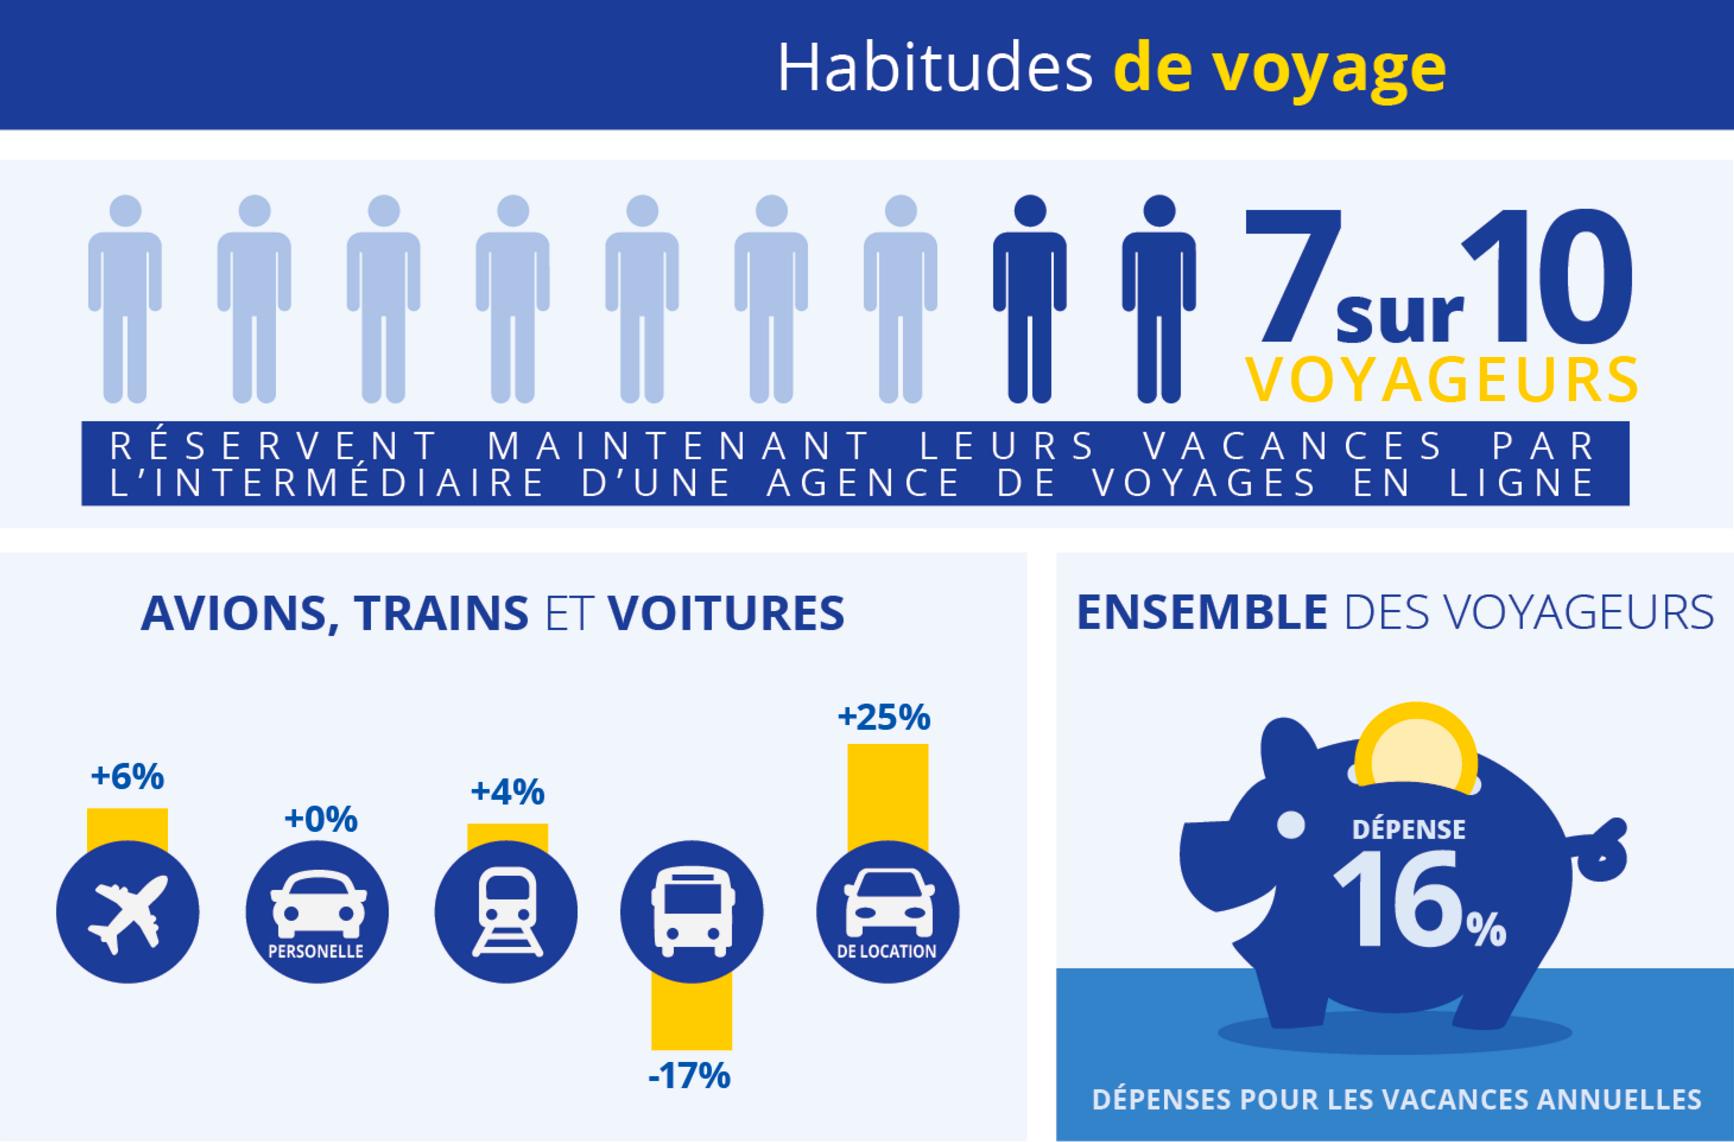 comparaison-generations-habitudes-voyages